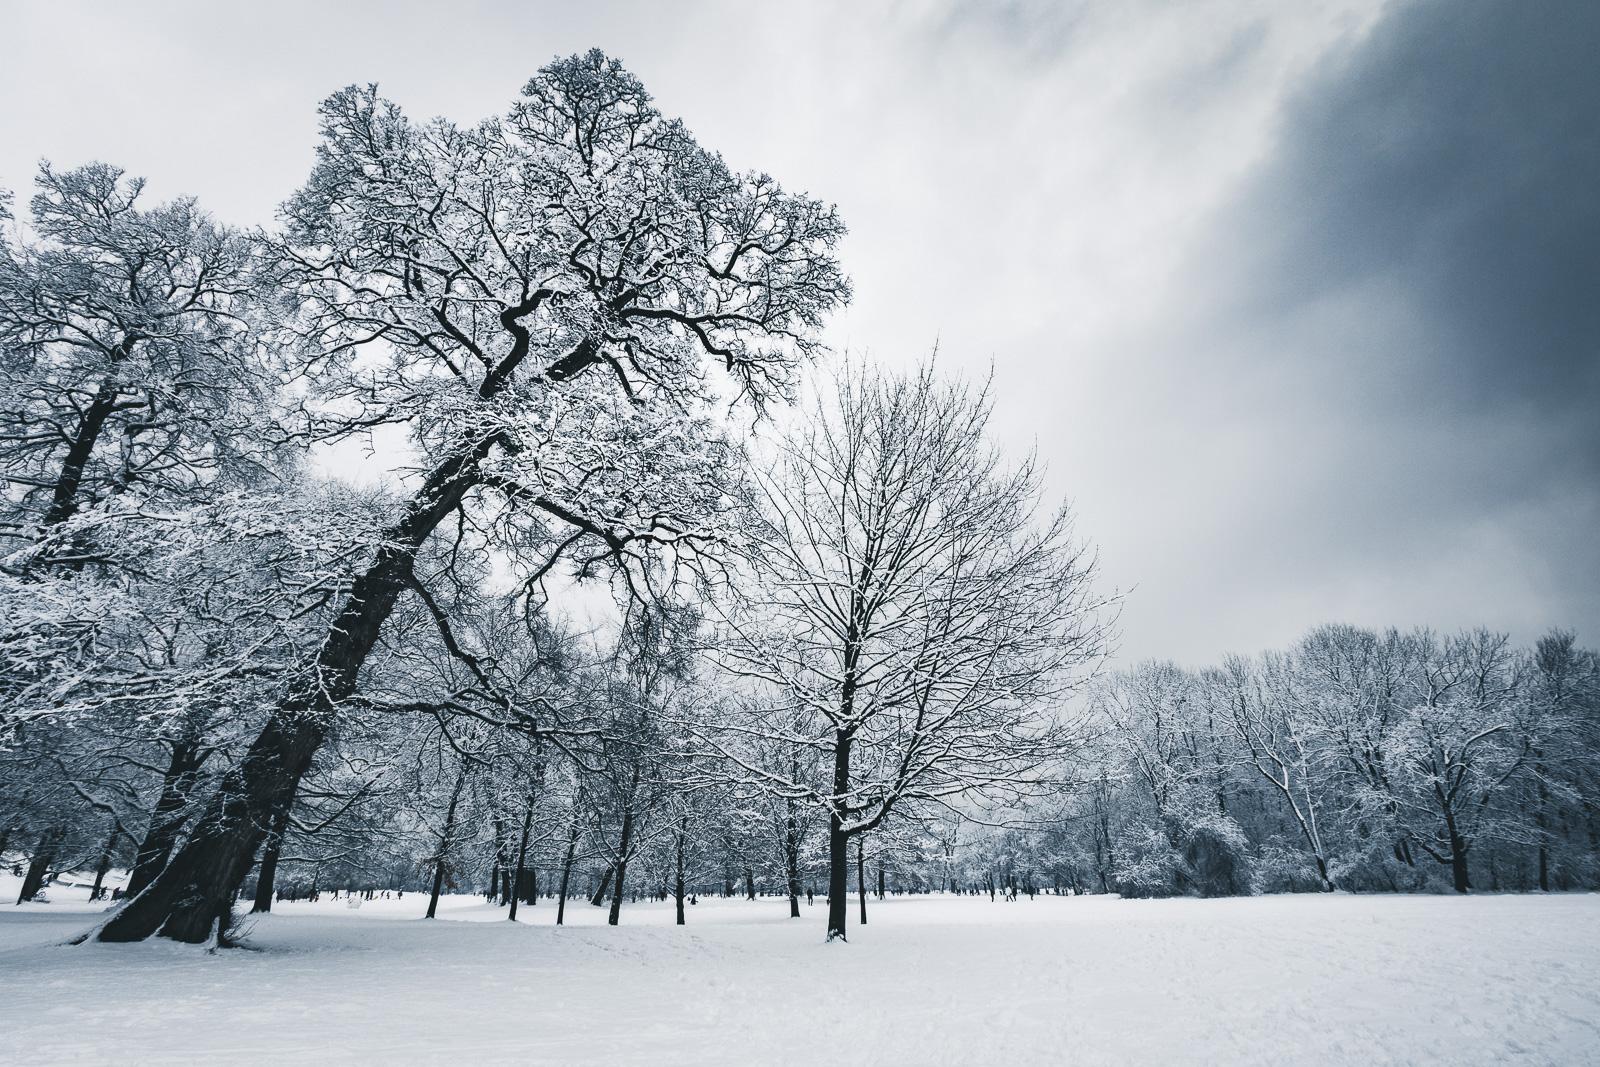 Winterwonderland mitten in der Stadt